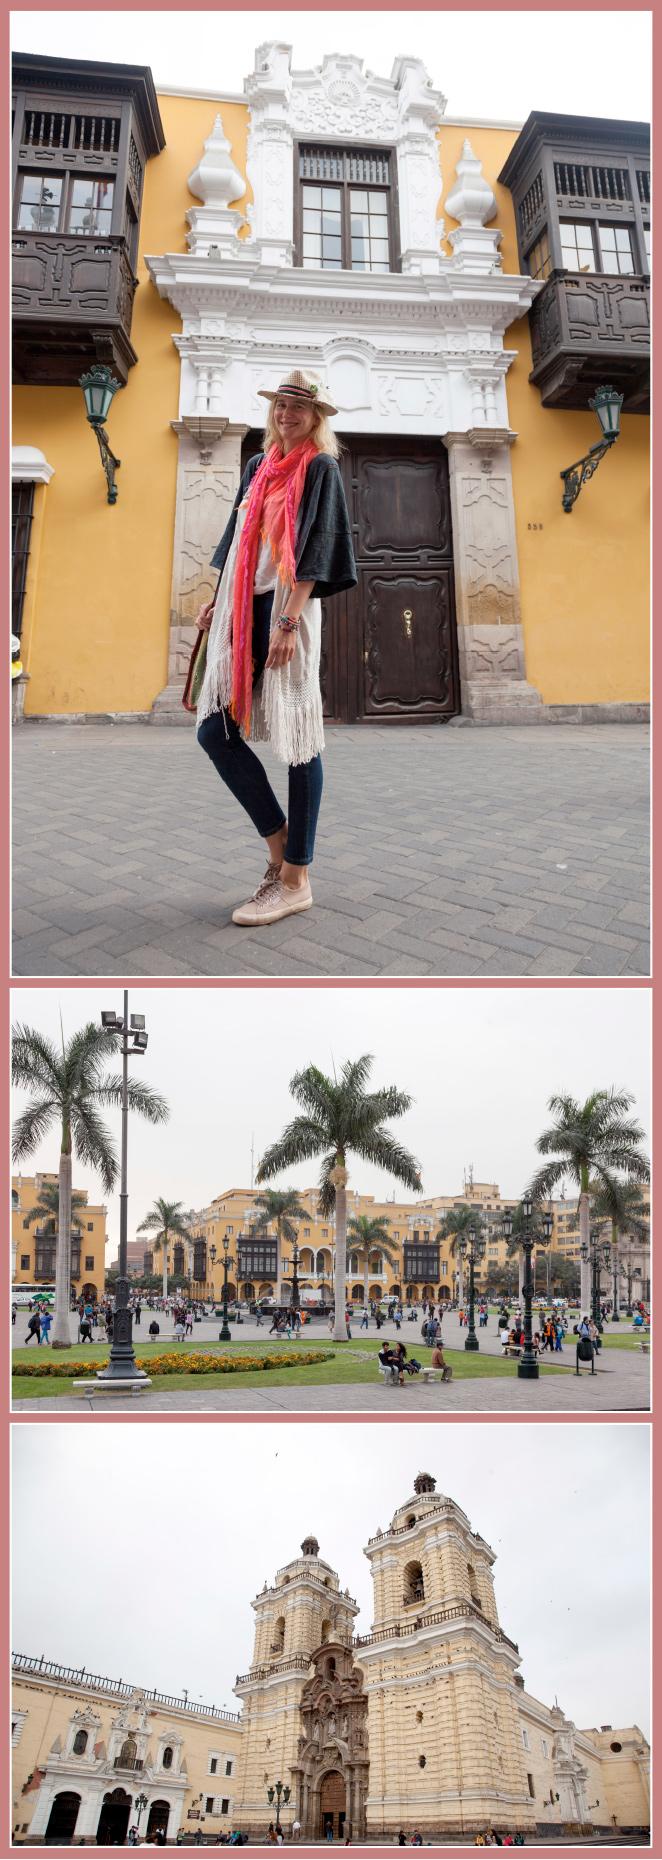 En el centro de Lima fue declarado Patrimonio de la Humanidad en 1991. Allí no os podéis perder la Plaza Mayor, el Convento de Santo Domingo y sus edificios antiguos con preciosos balcones como la Casa de Osambela, entre otros